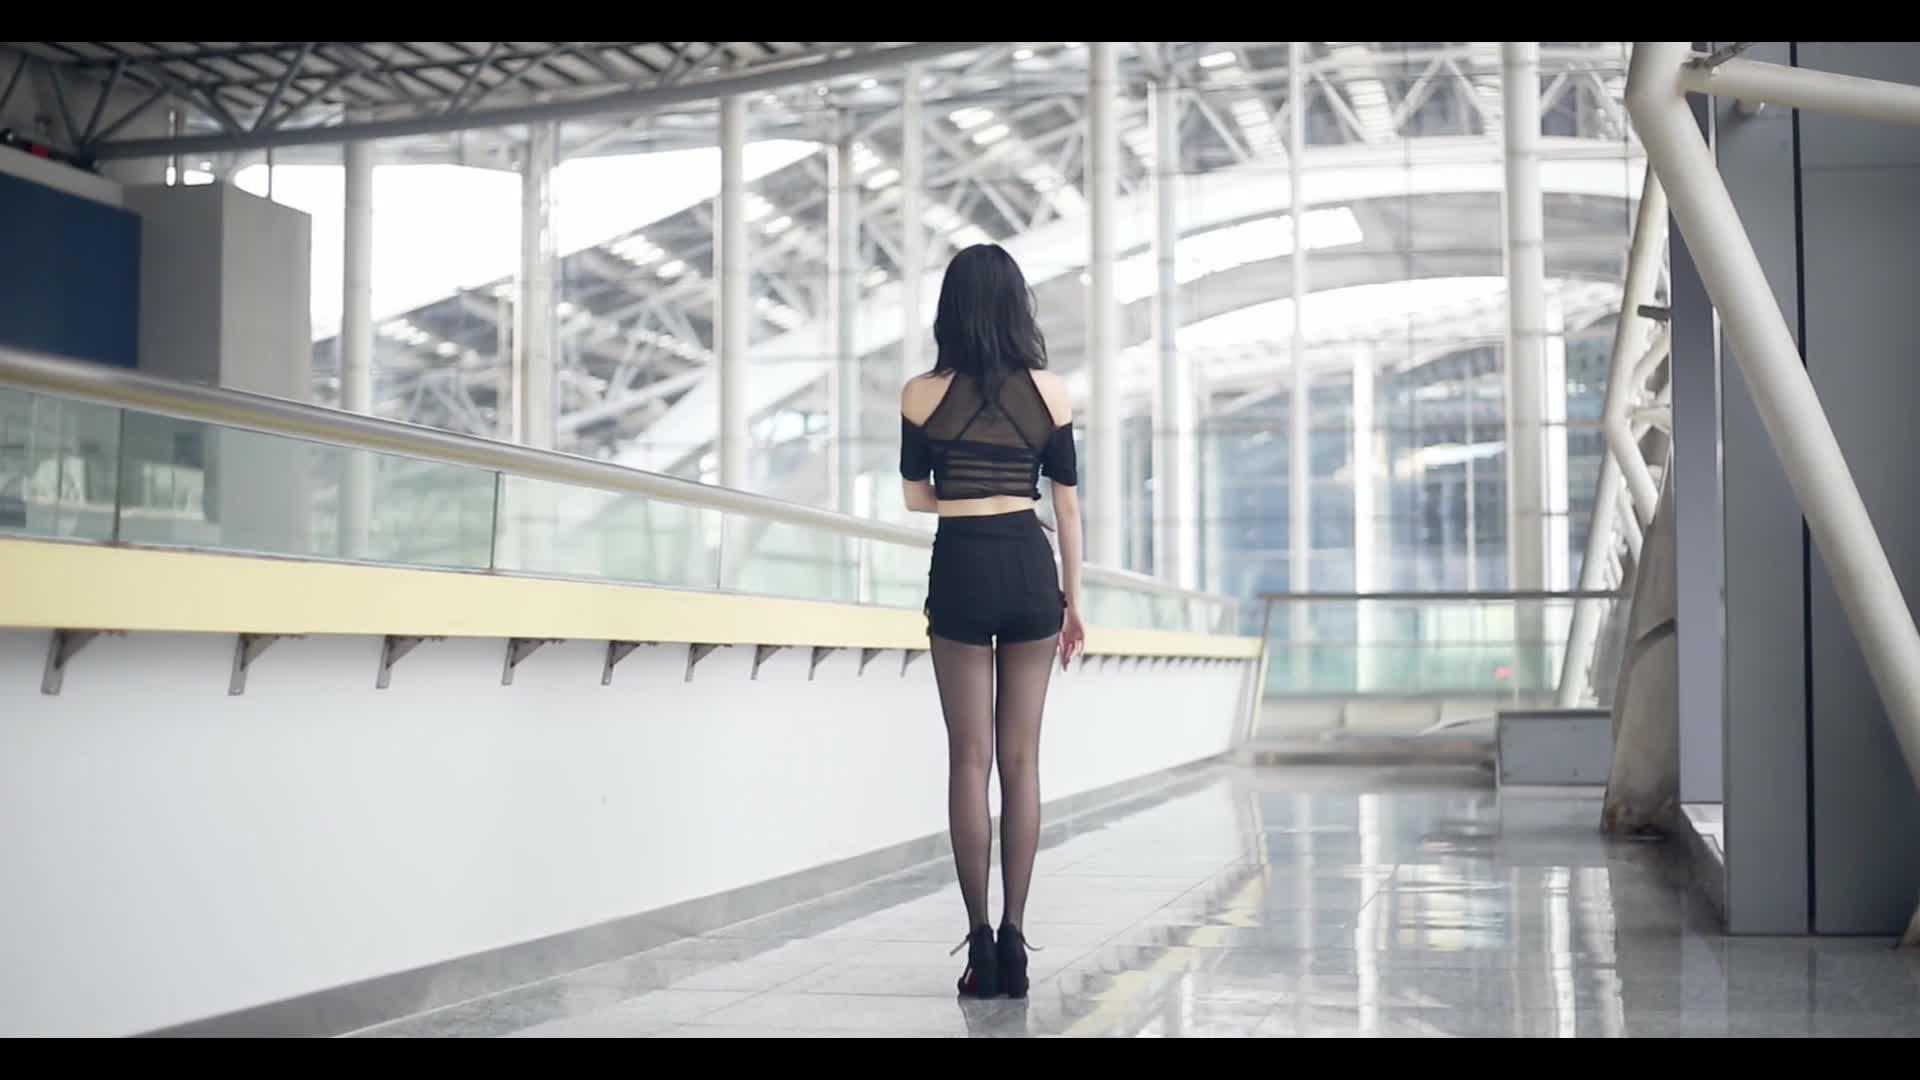 #二次元舞蹈#性感风回归作,看着背影都觉得好看的女孩子